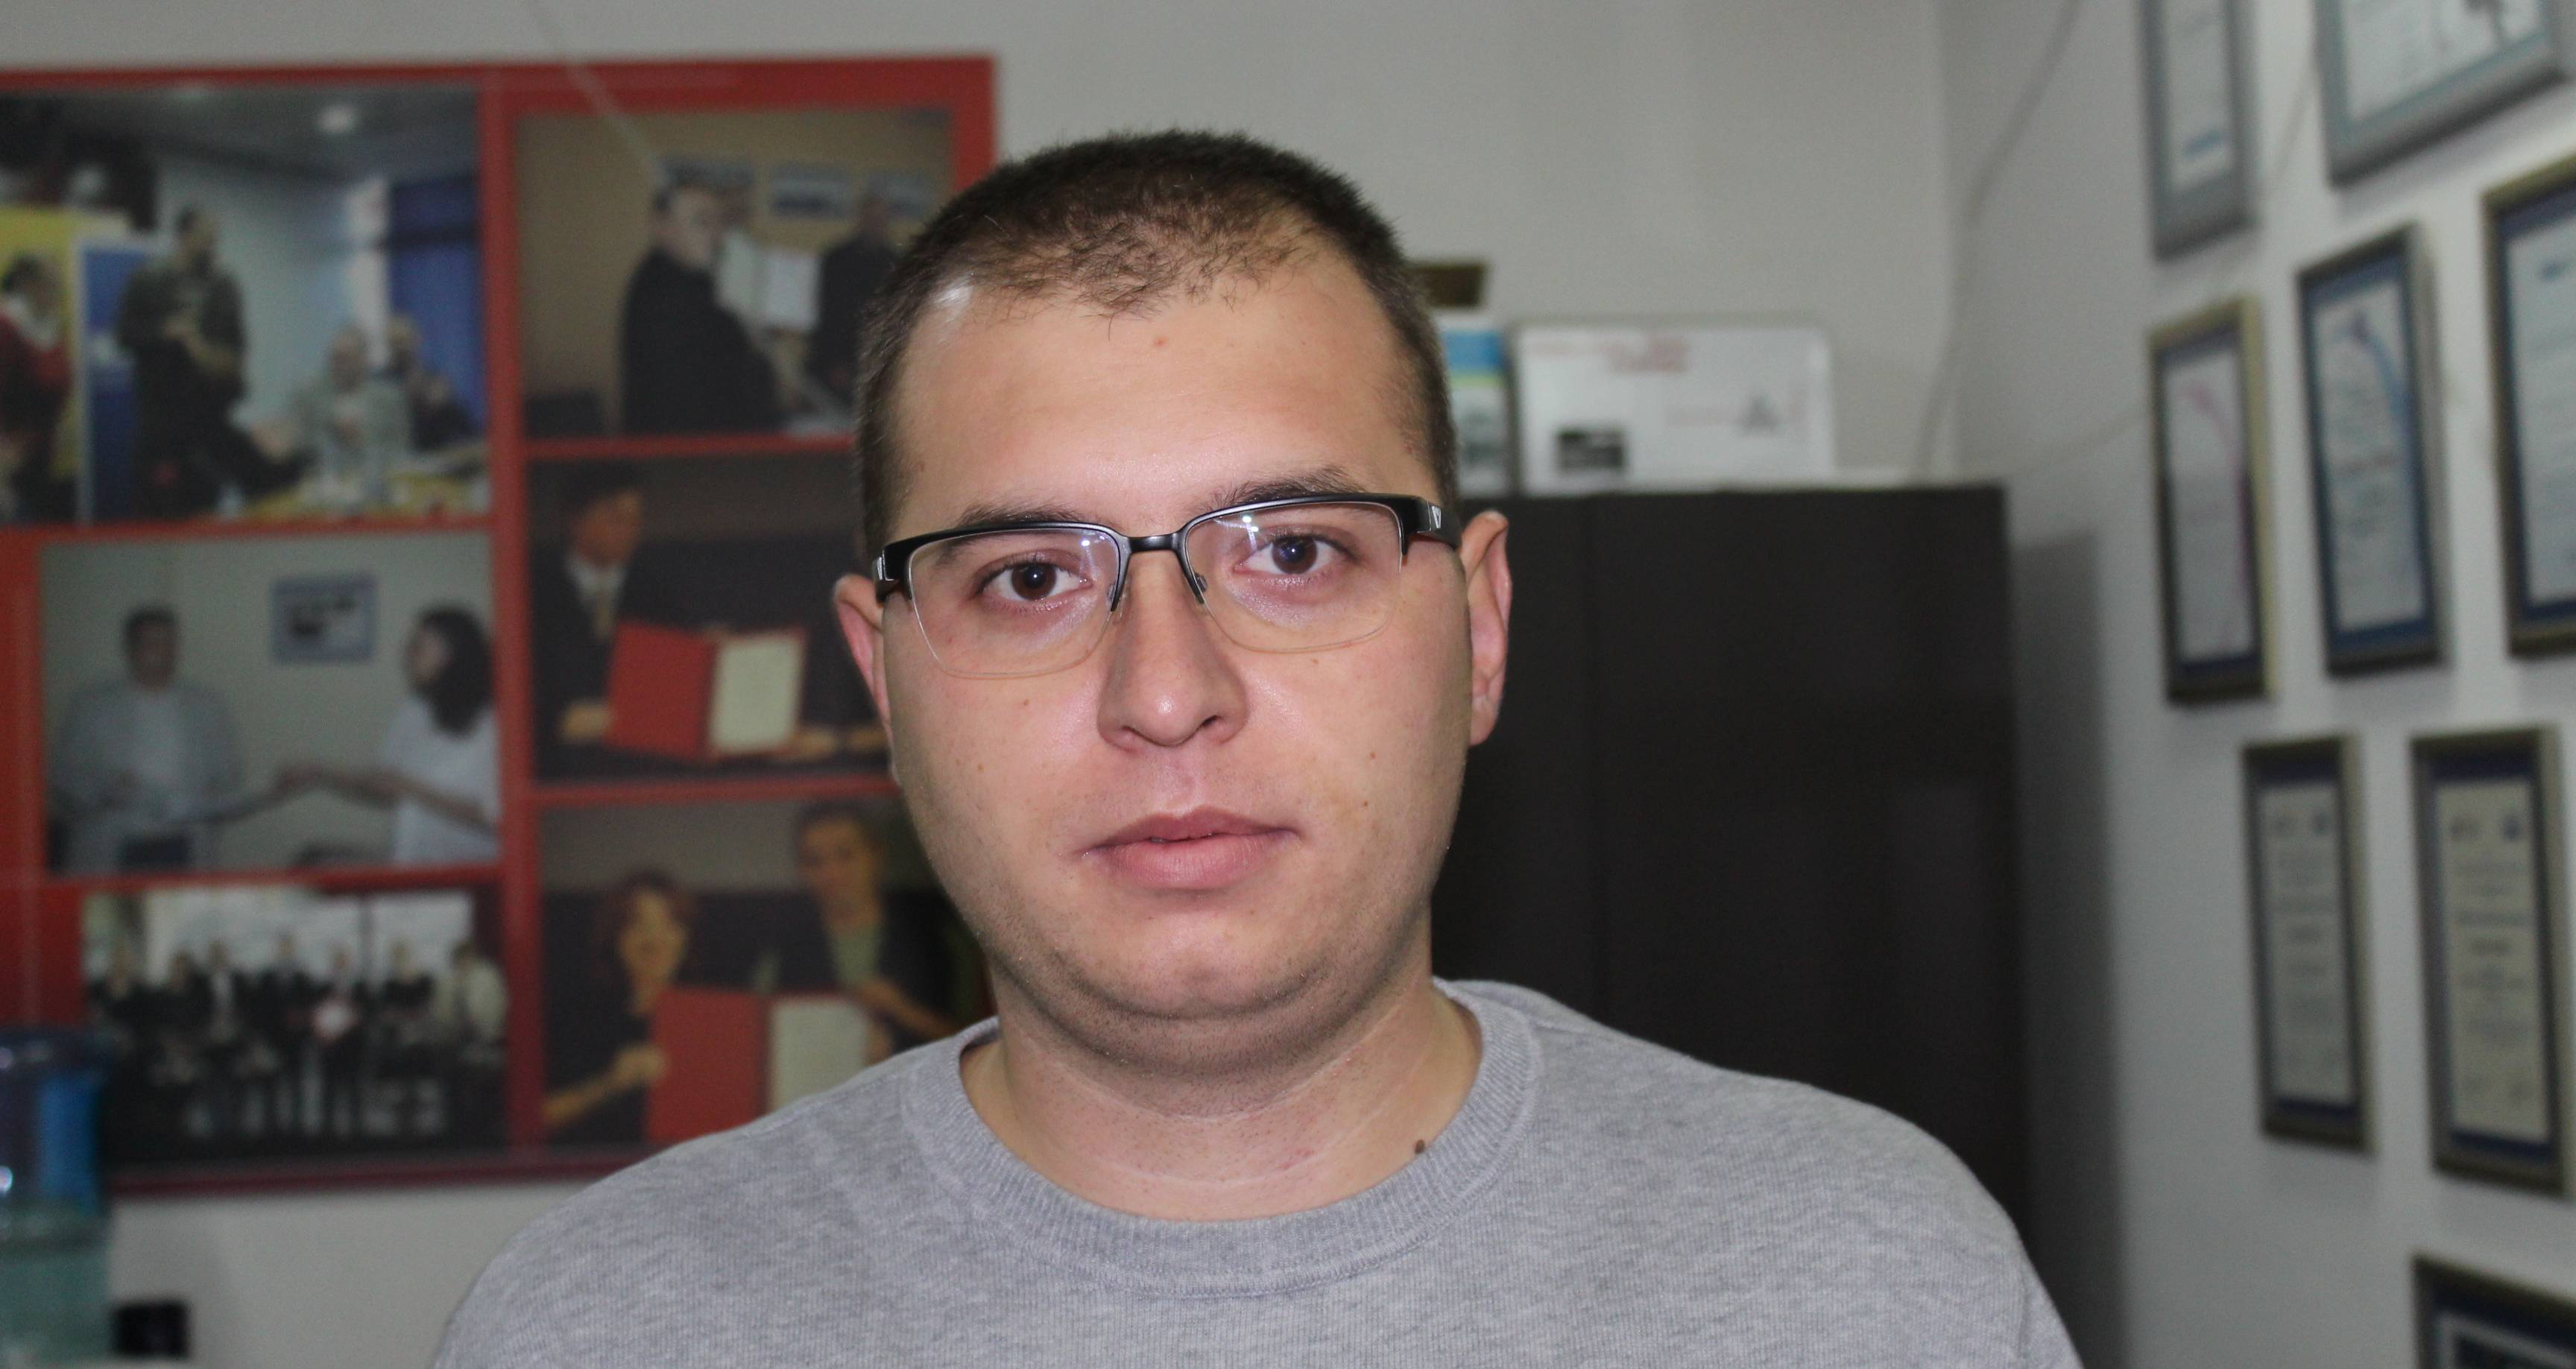 Повереник Народне странке за Врање Ђорђе Ристић: СНС градоначелник брзо заборавио ко му је оставио празну касу